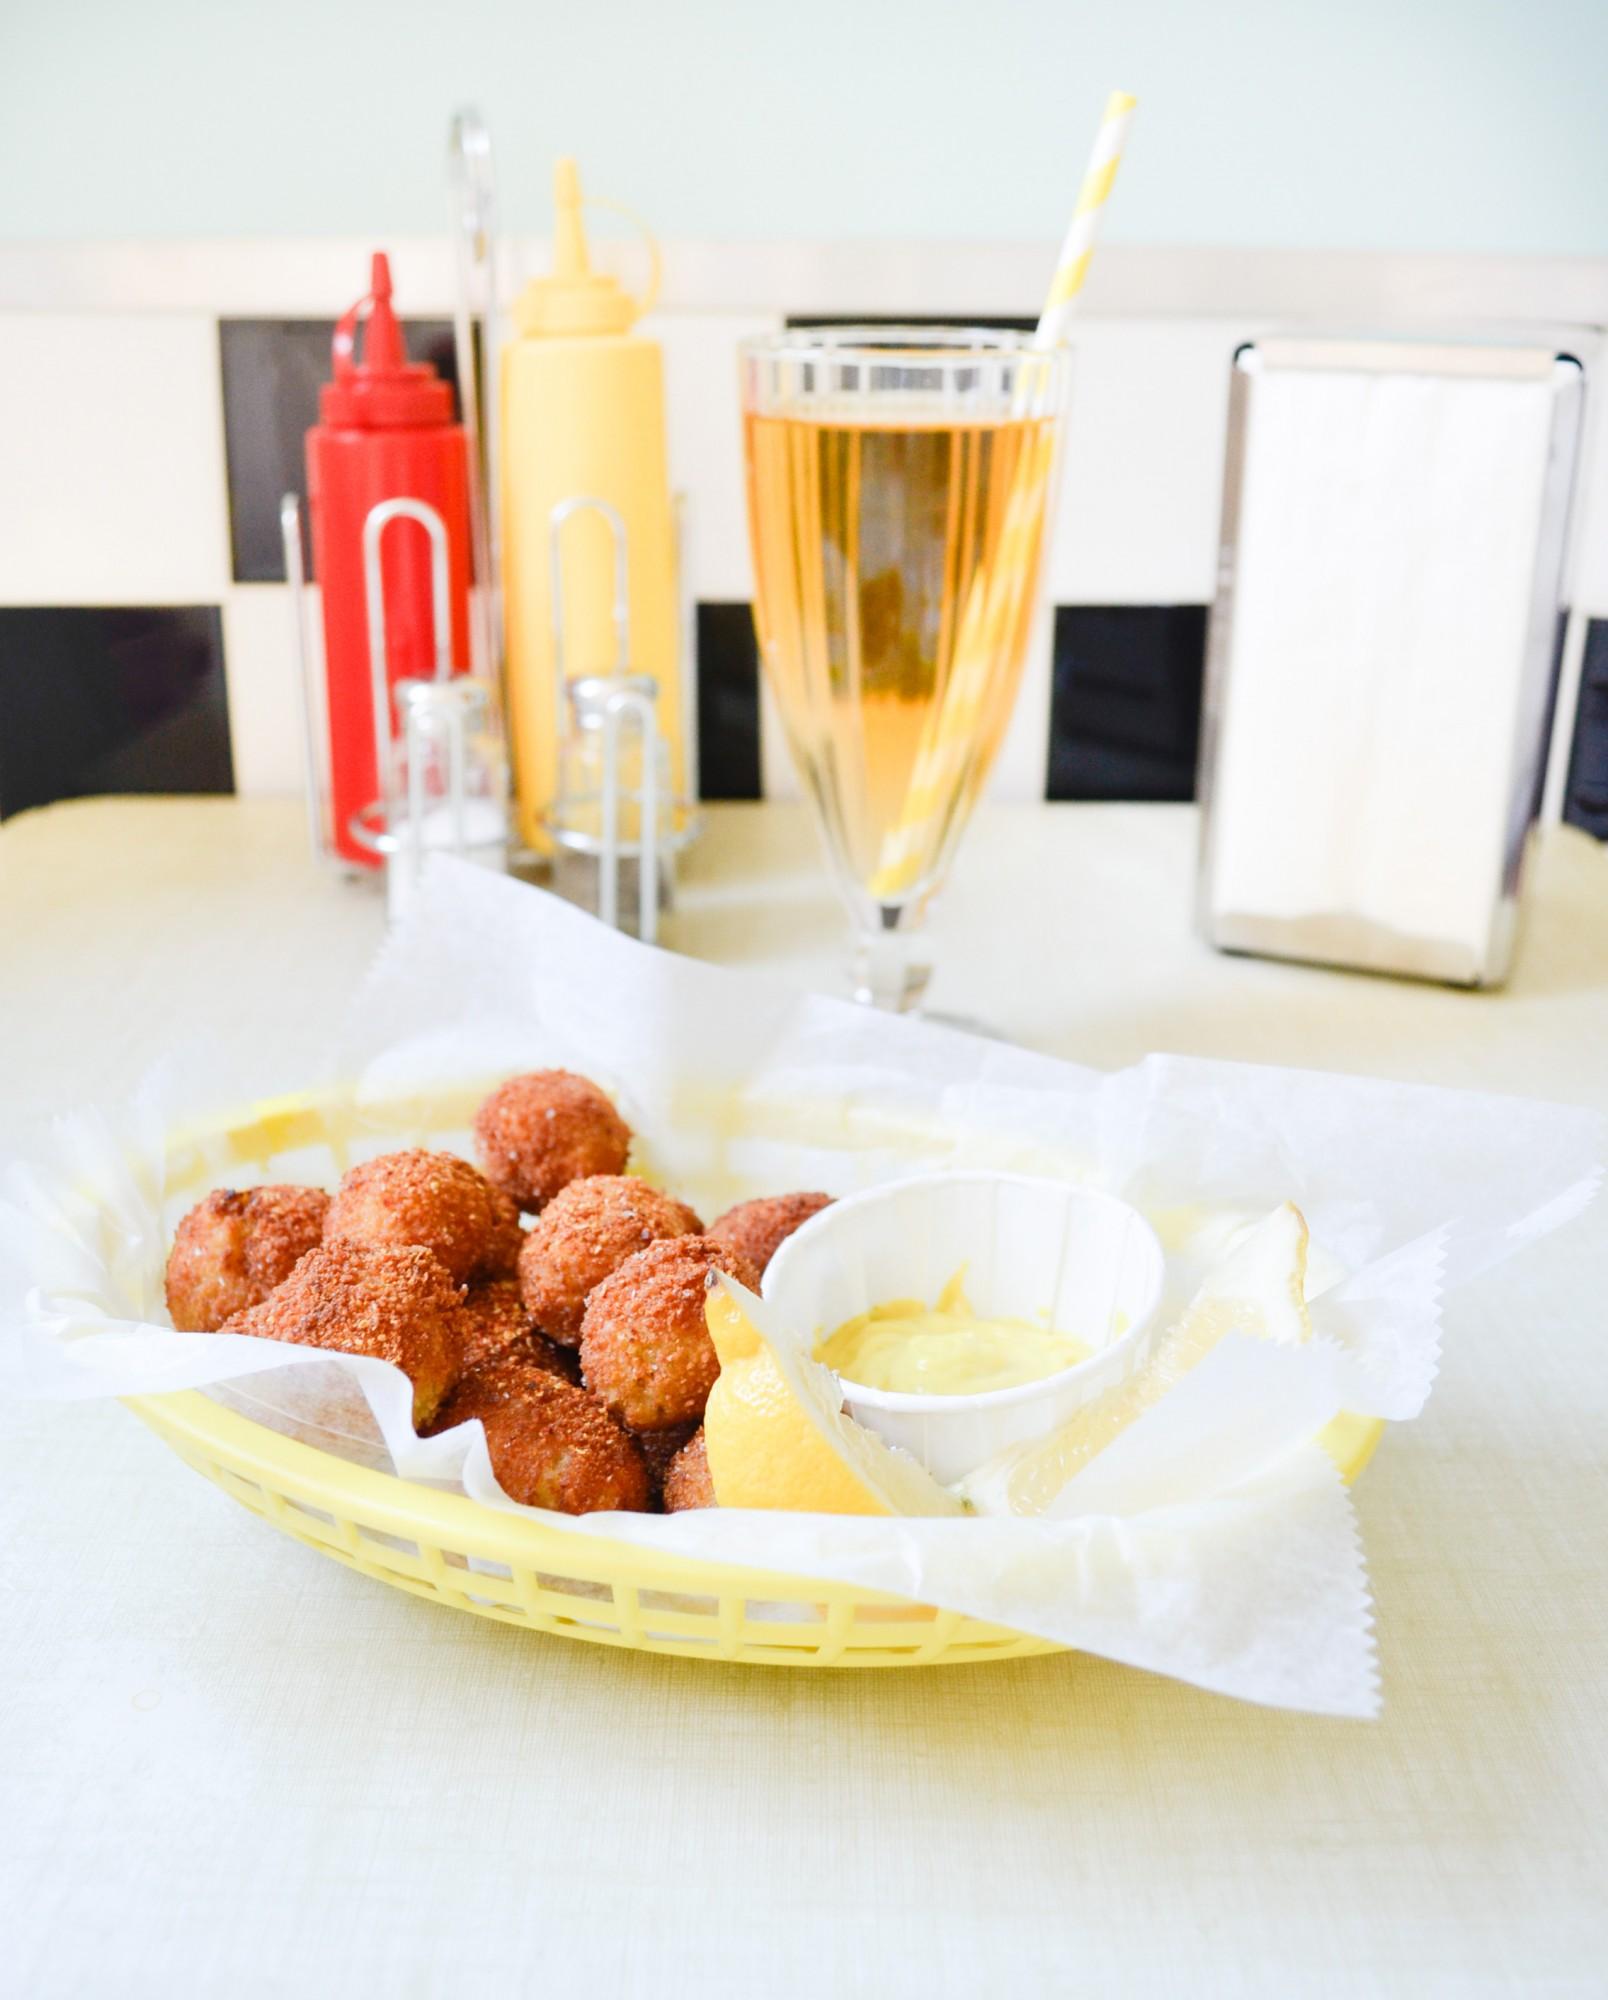 lentil potato fritters beignet lentille pomme de terre chapelure sauce curry diner americain